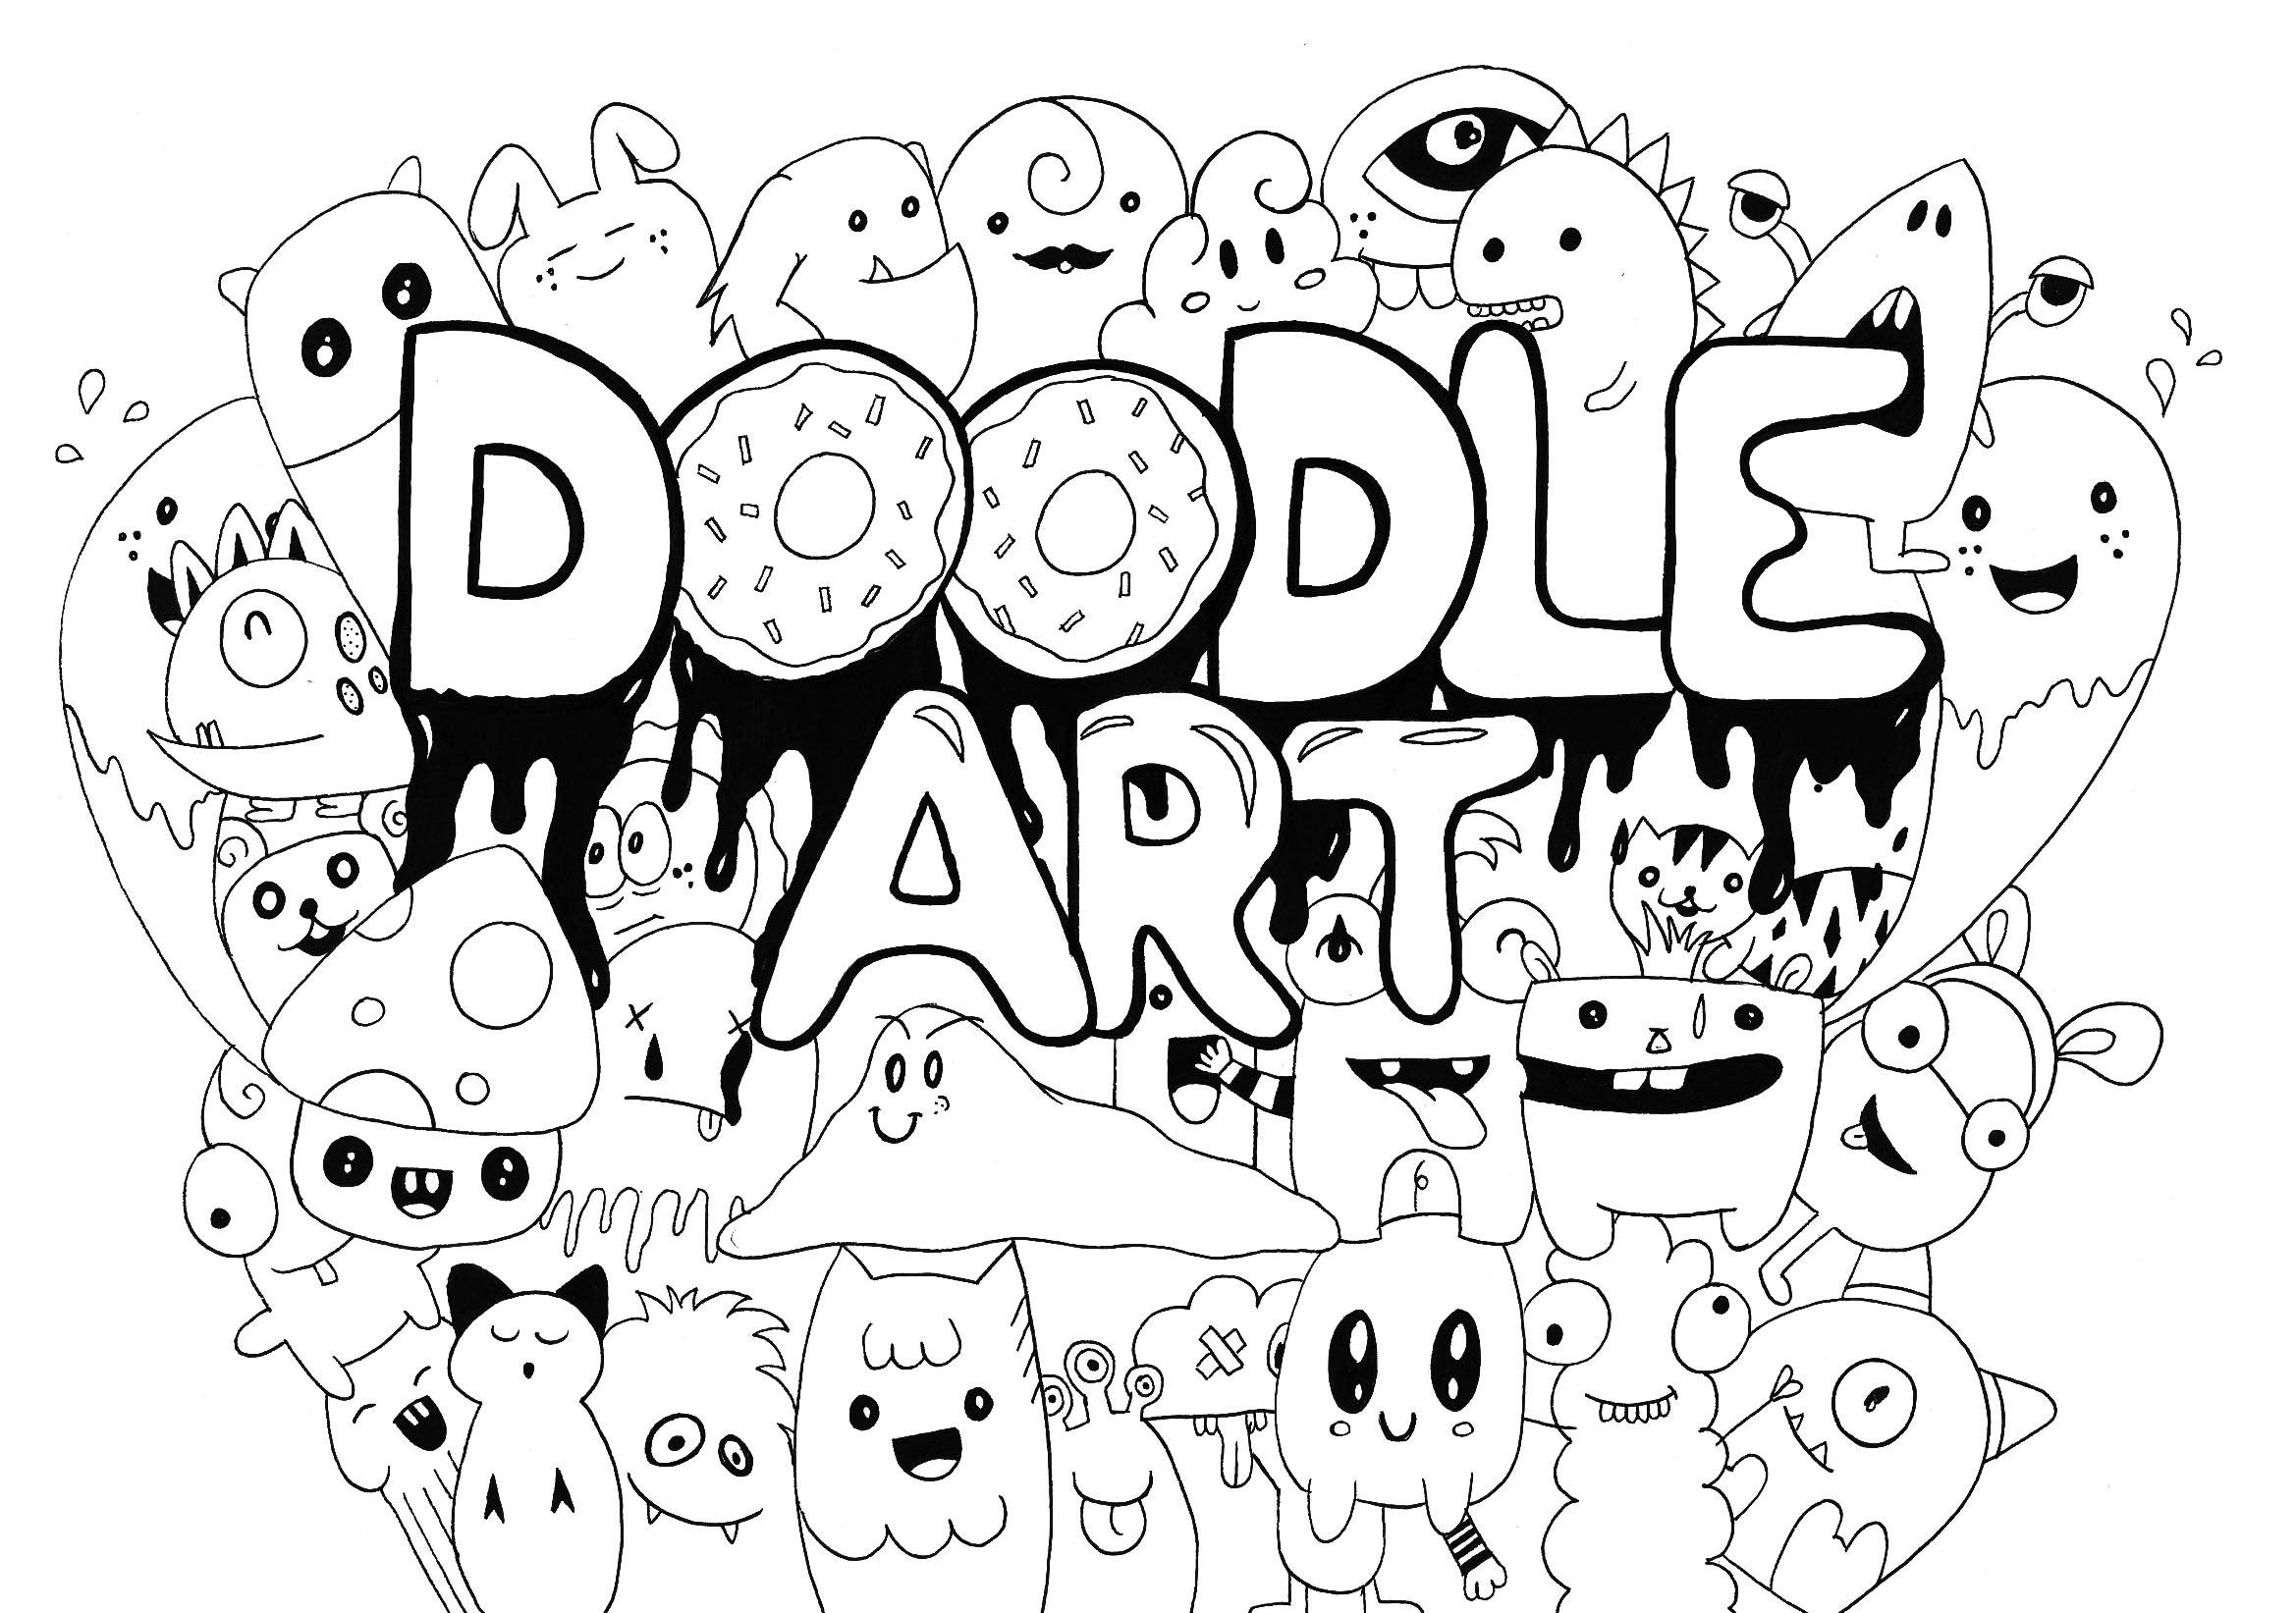 Doodle Art Rachel - Coloriage Doodle Art - Coloriages Pour Enfants